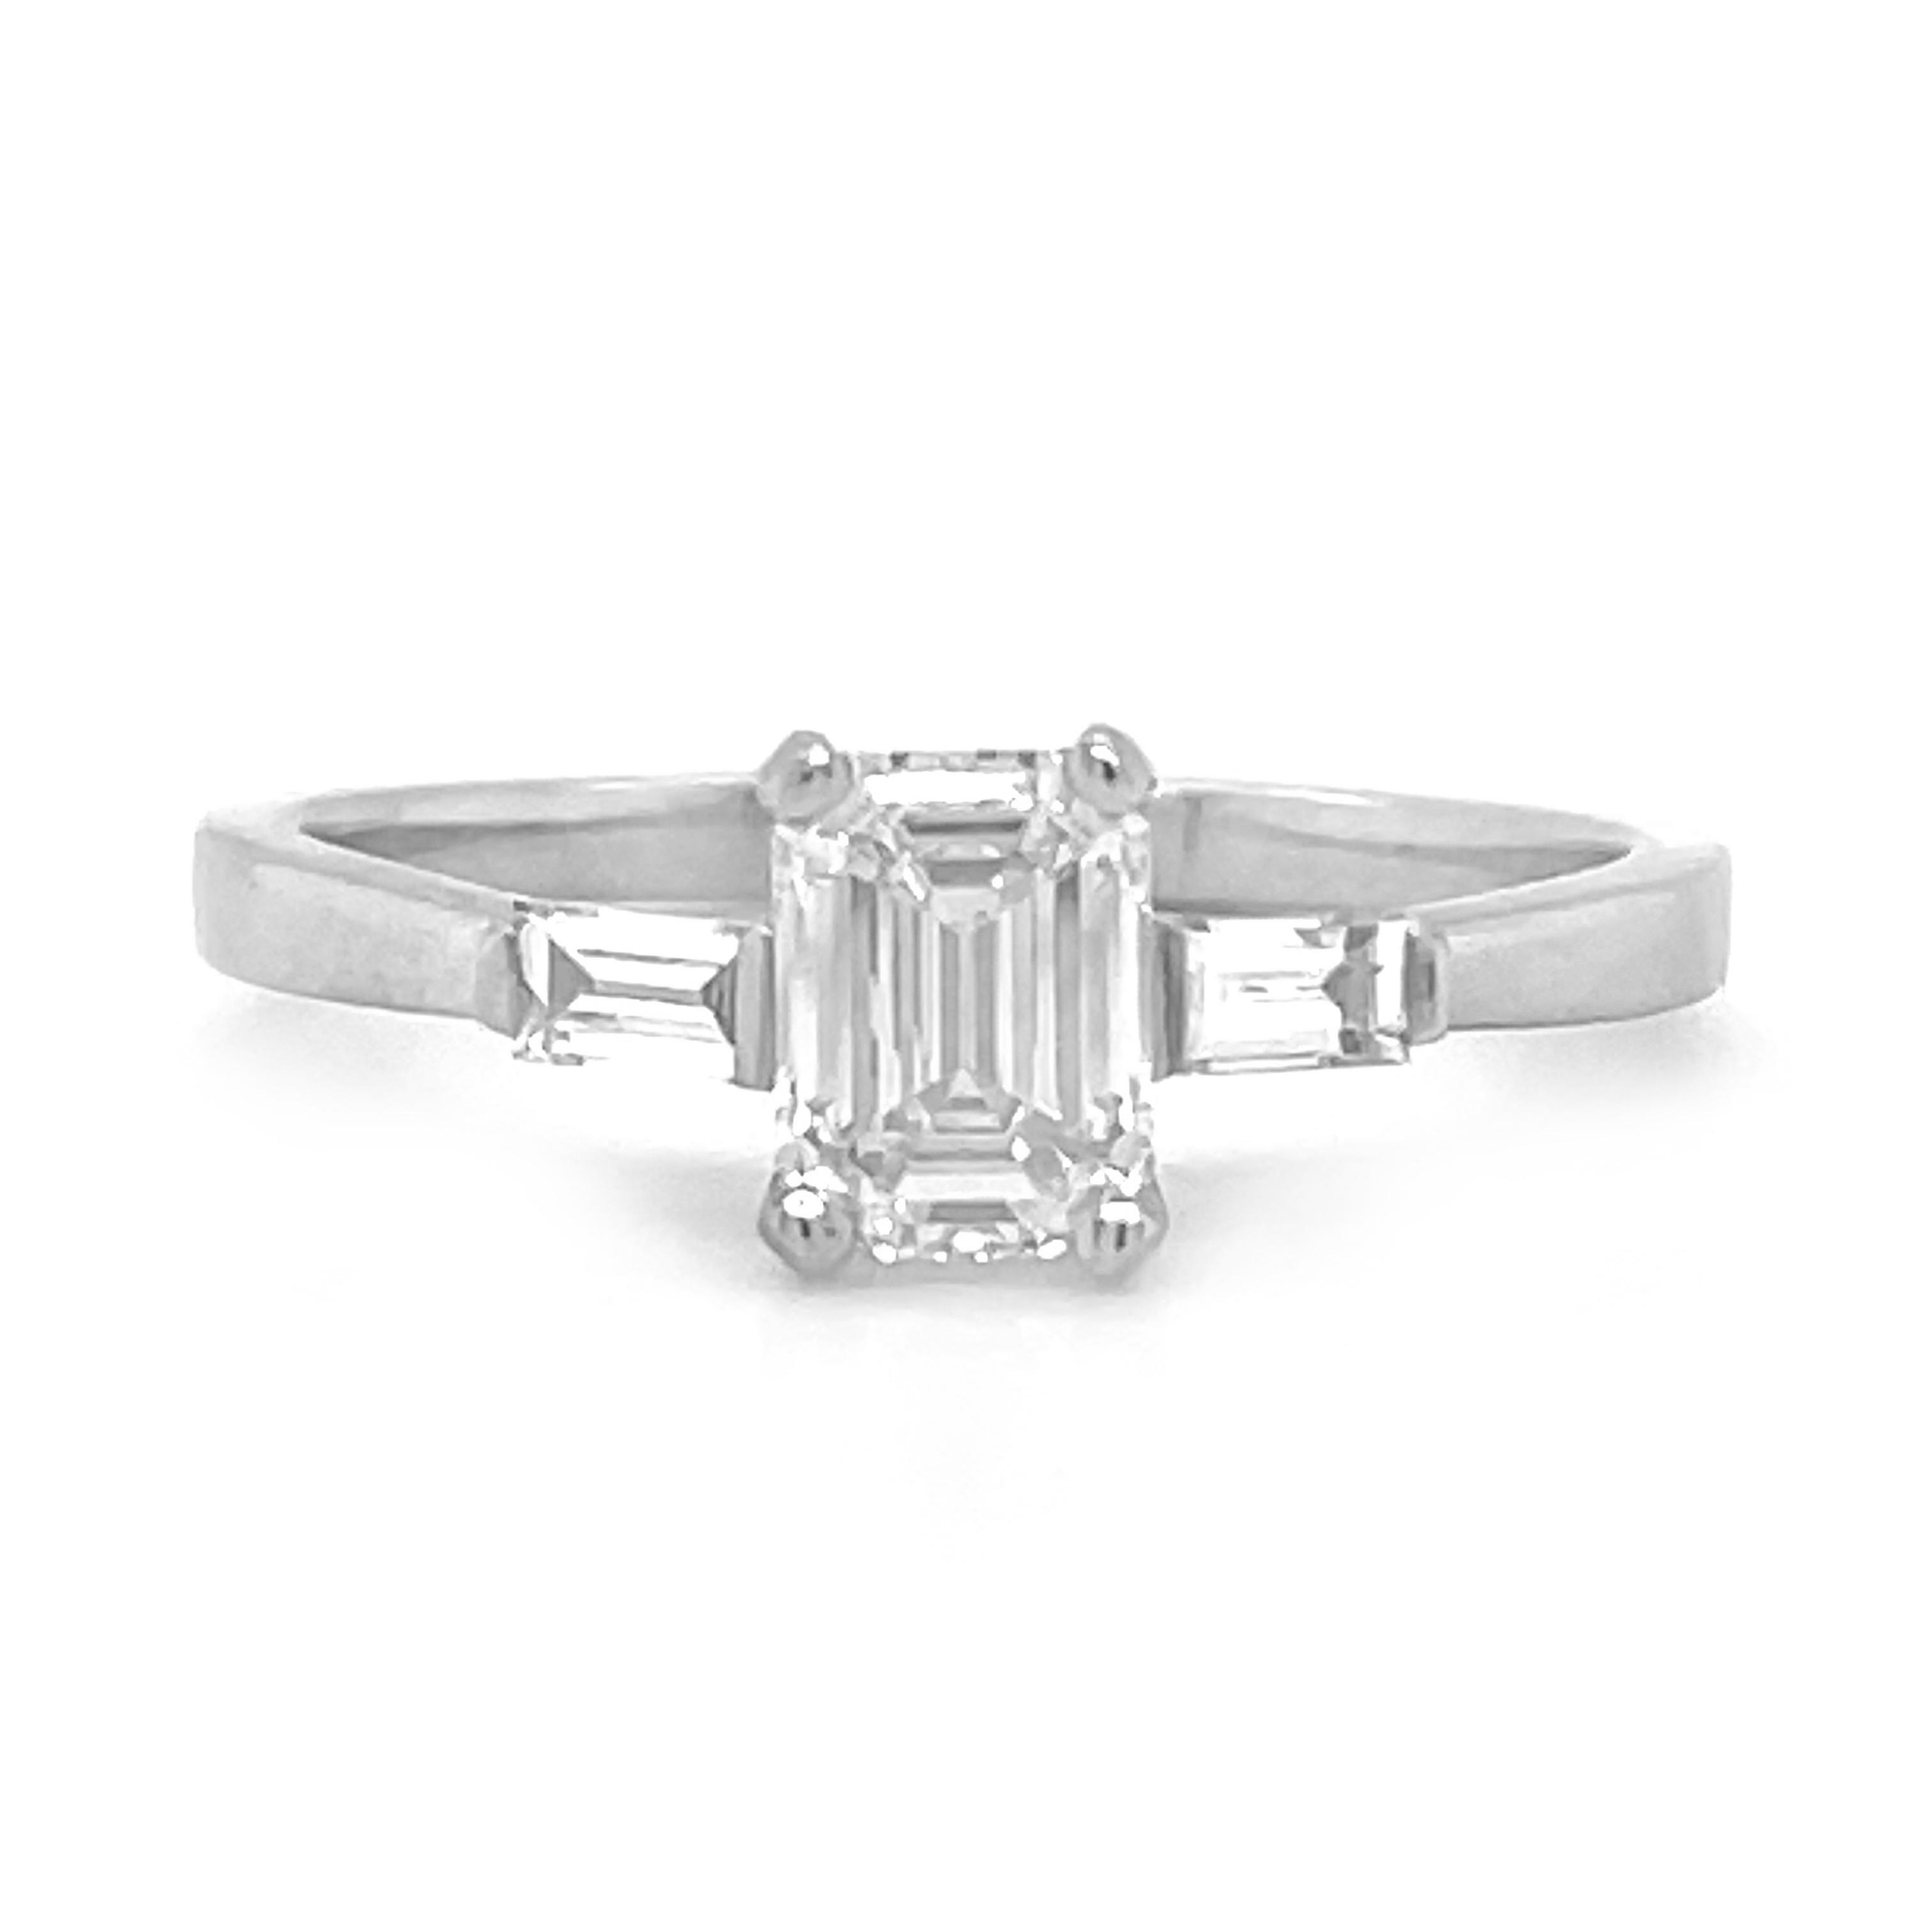 Platinum Emerald Cut 1.01cts Diamond Solitaire Engagement Ring, Baguette Diamond Shoulders